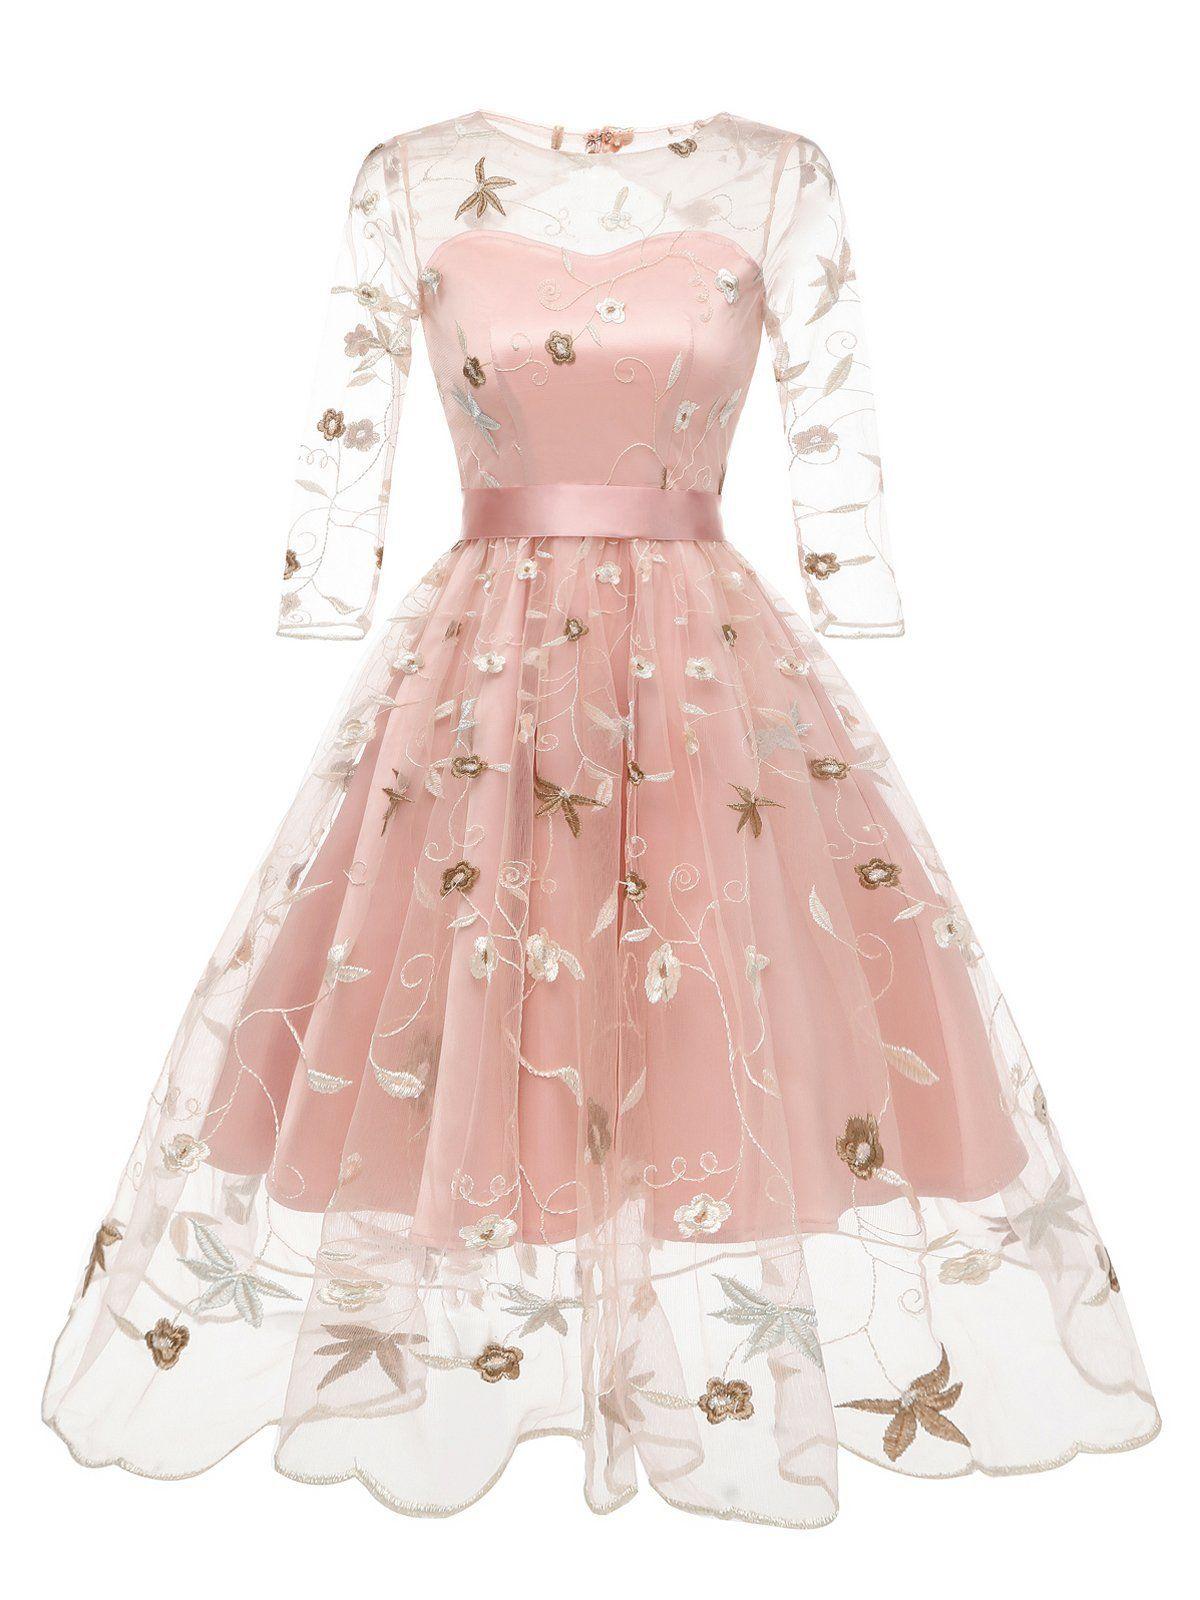 Vintage Dresses,Vintage Dresses 50S,Vint Retrodresses50s - Fashion Dresses